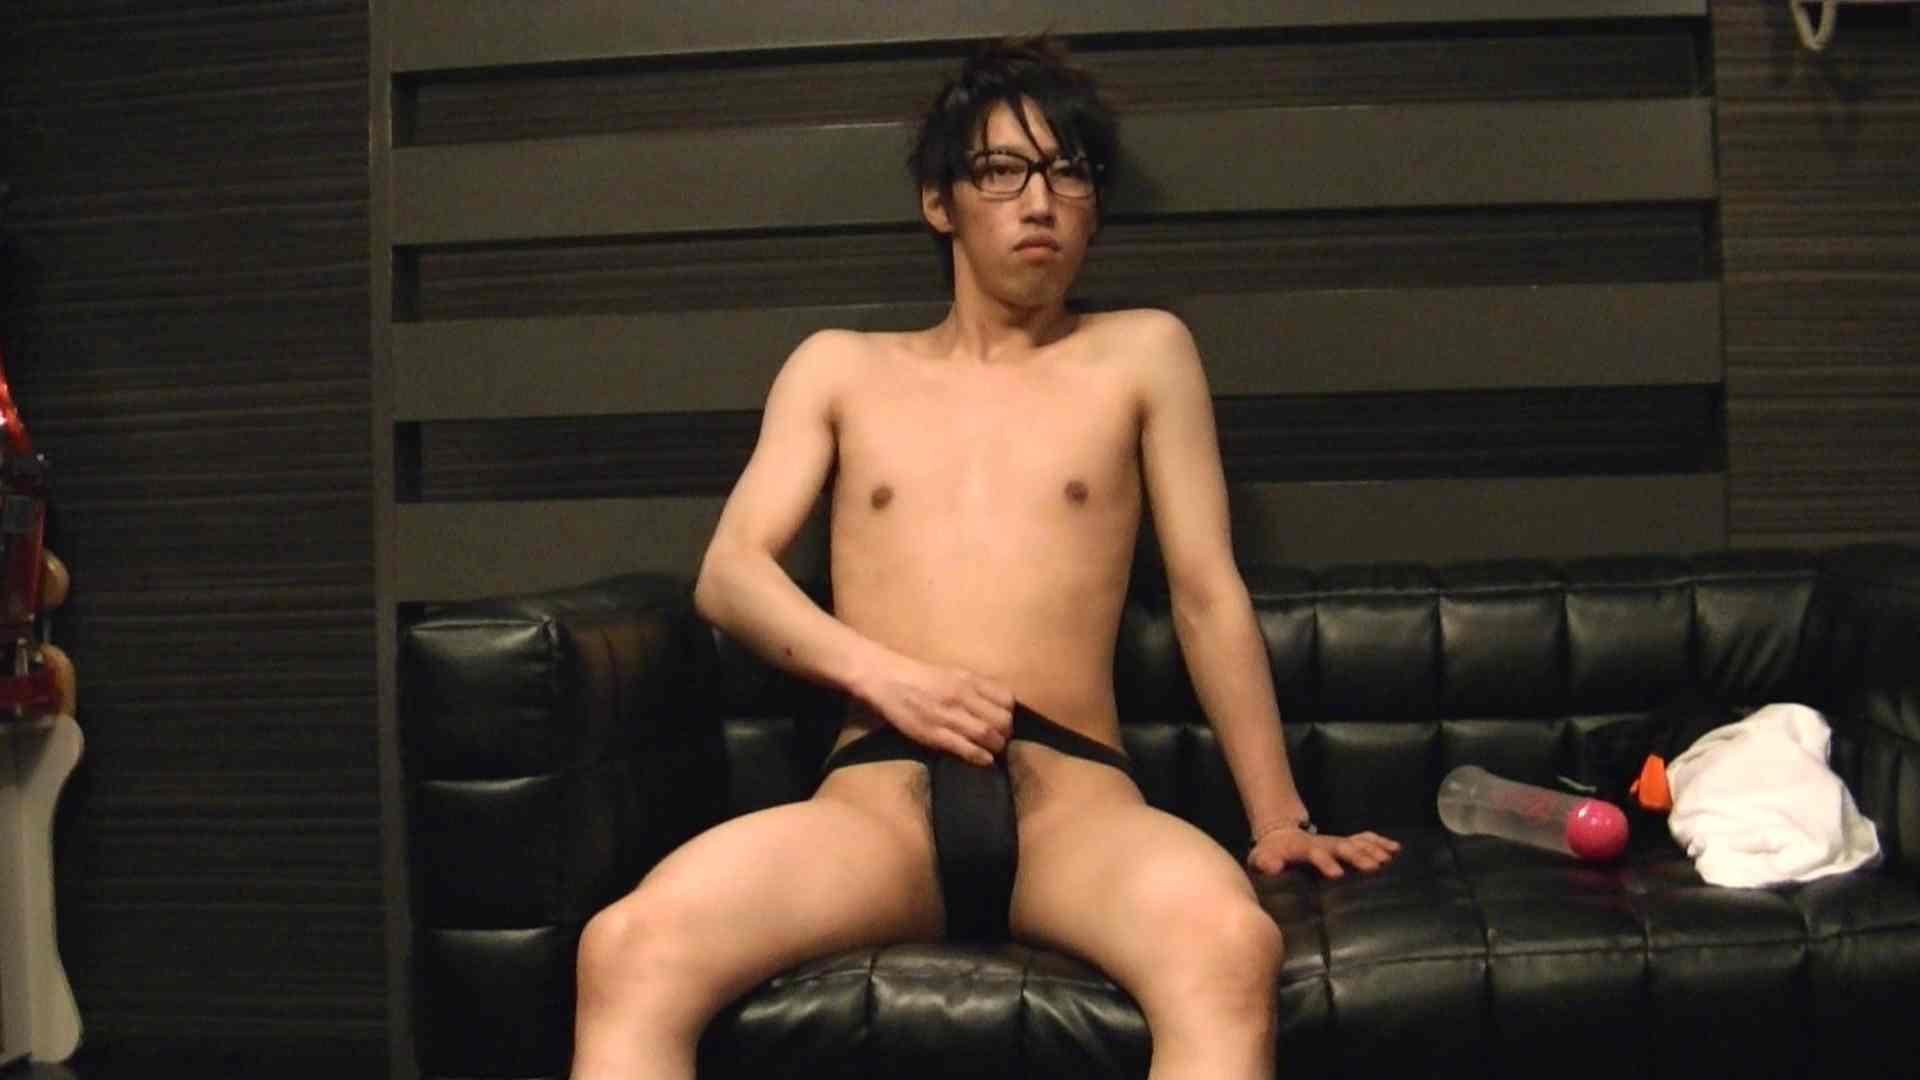 Mr.オナックスさん投稿!HD 貴方のオナニー三万円で撮影させてください。VOL.04 スジ筋系マッチョマン ペニス画像 55連発 19